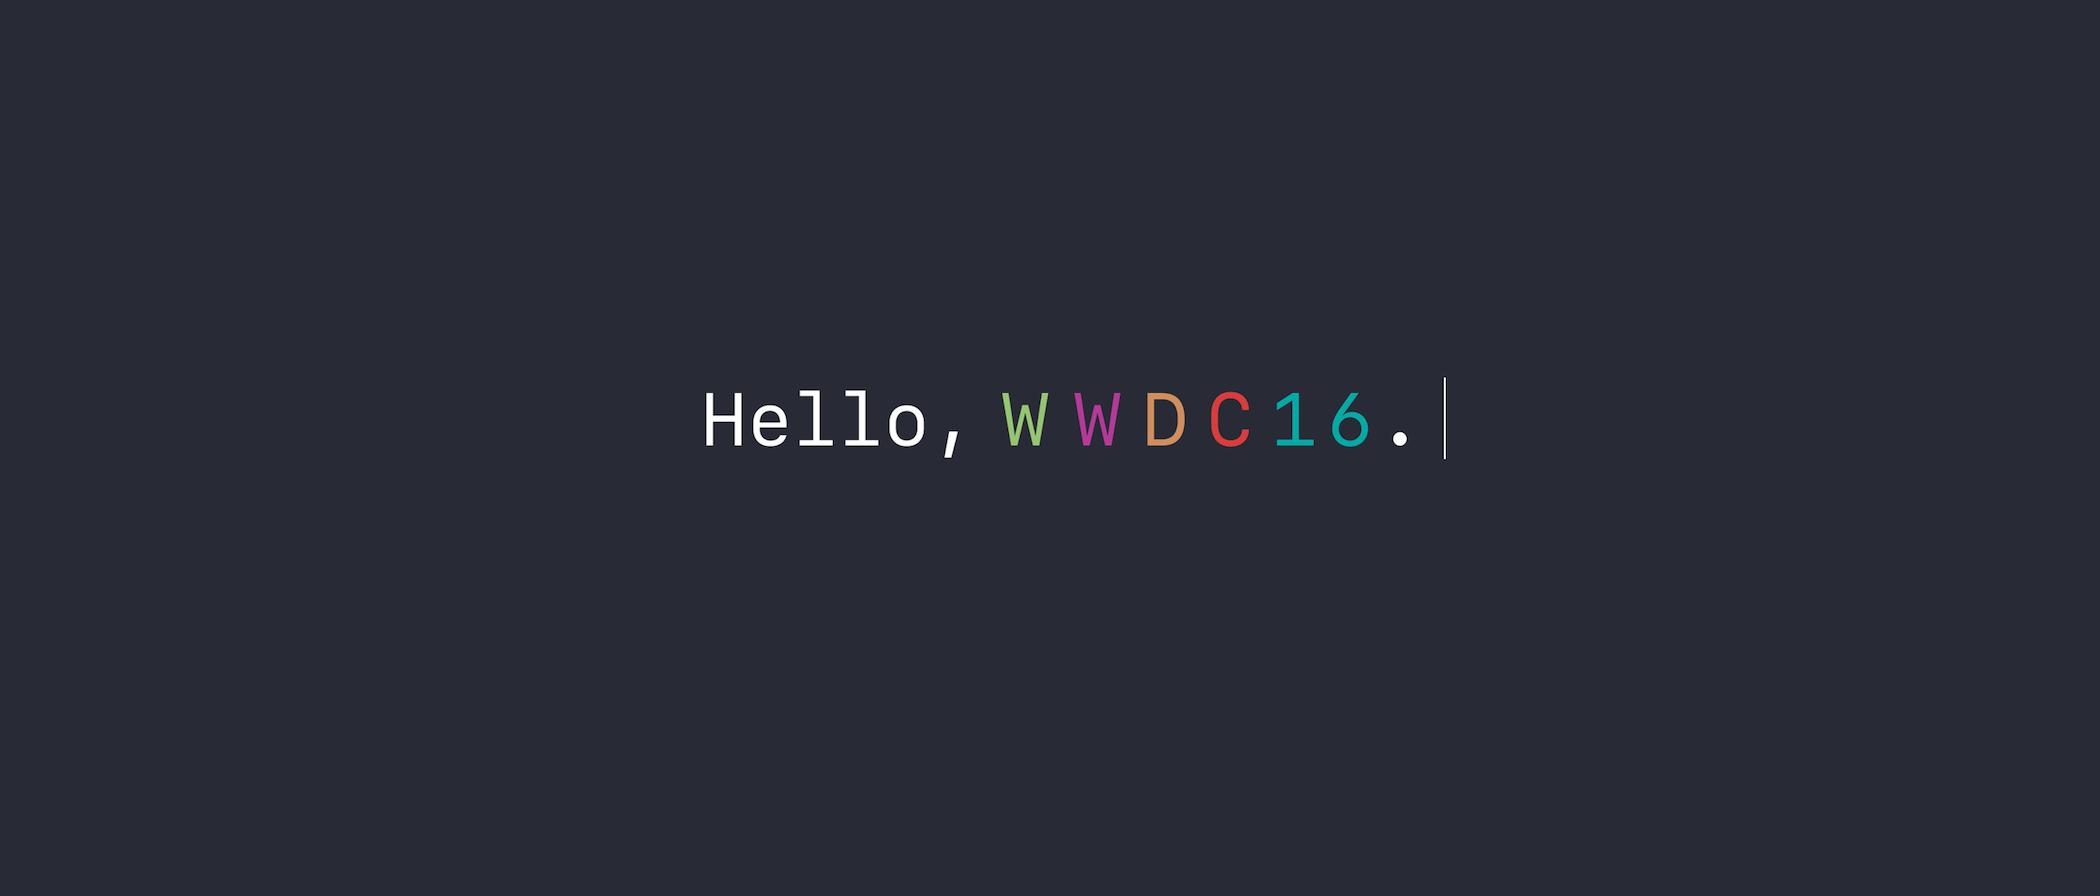 Sigue en vídeo y en directo la WWDC 2016 de Apple